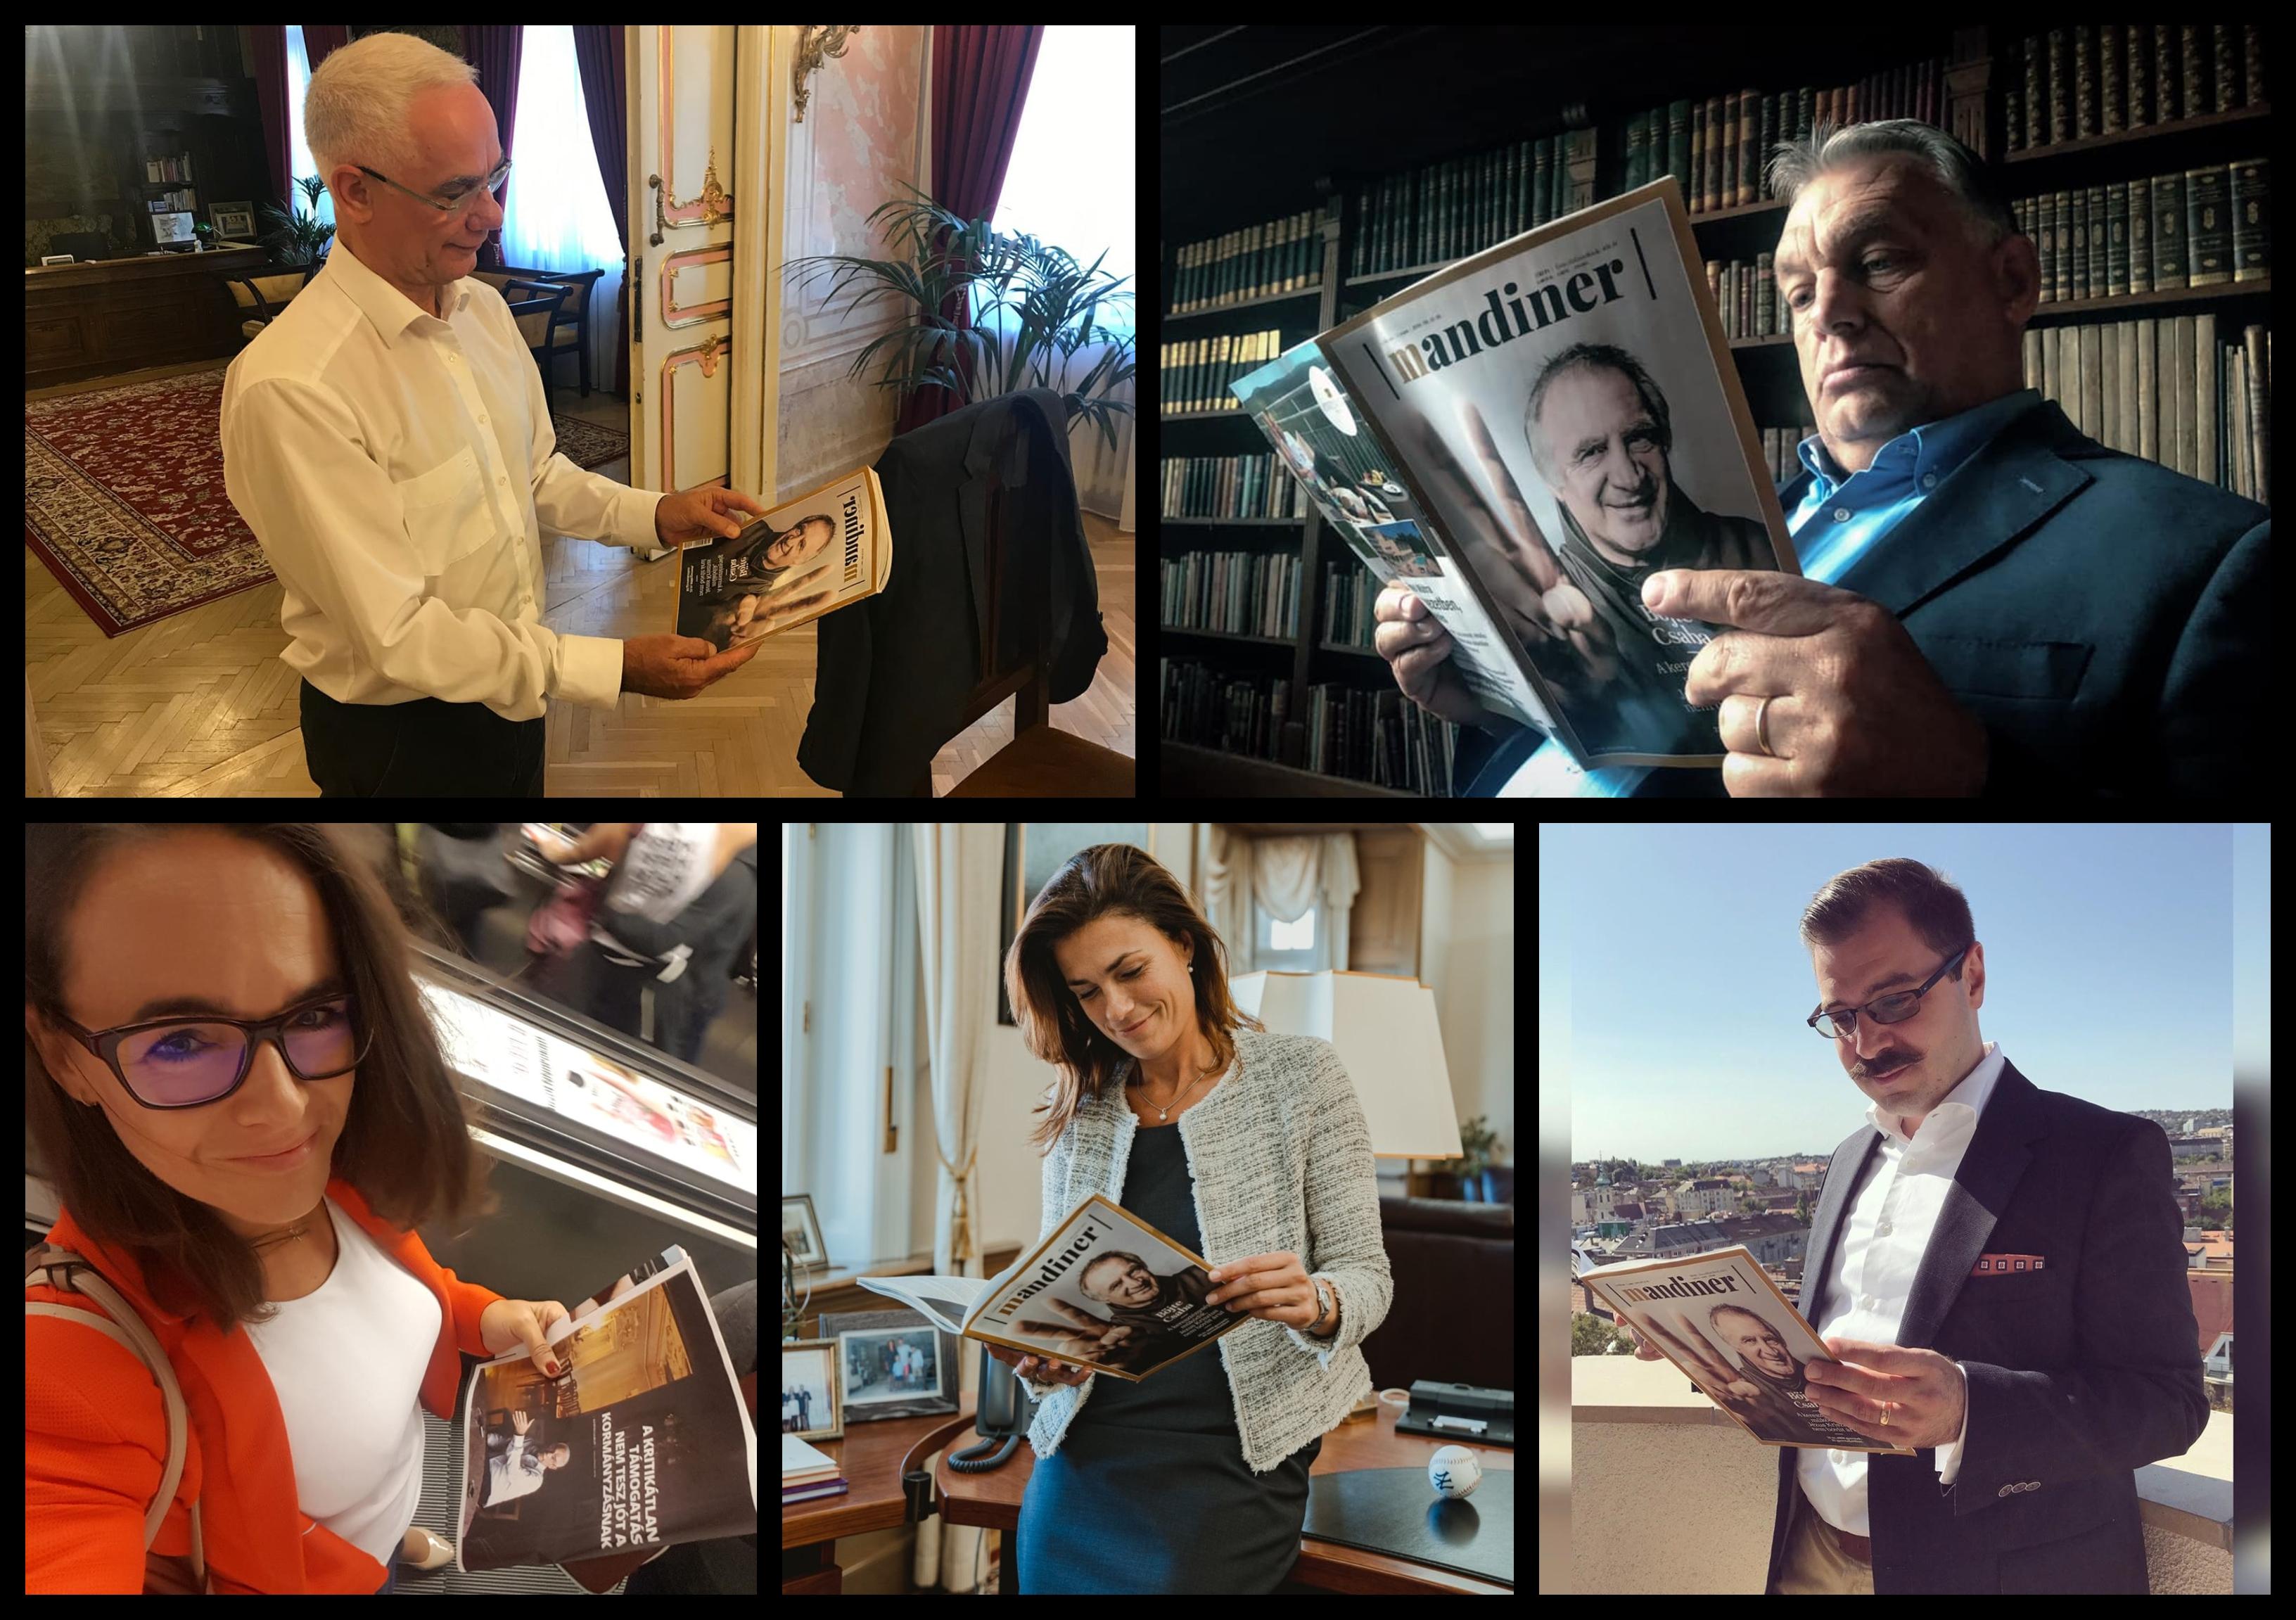 A legnépszerűbb fideszes influencerek álltak be promózni az új hetilapjukat